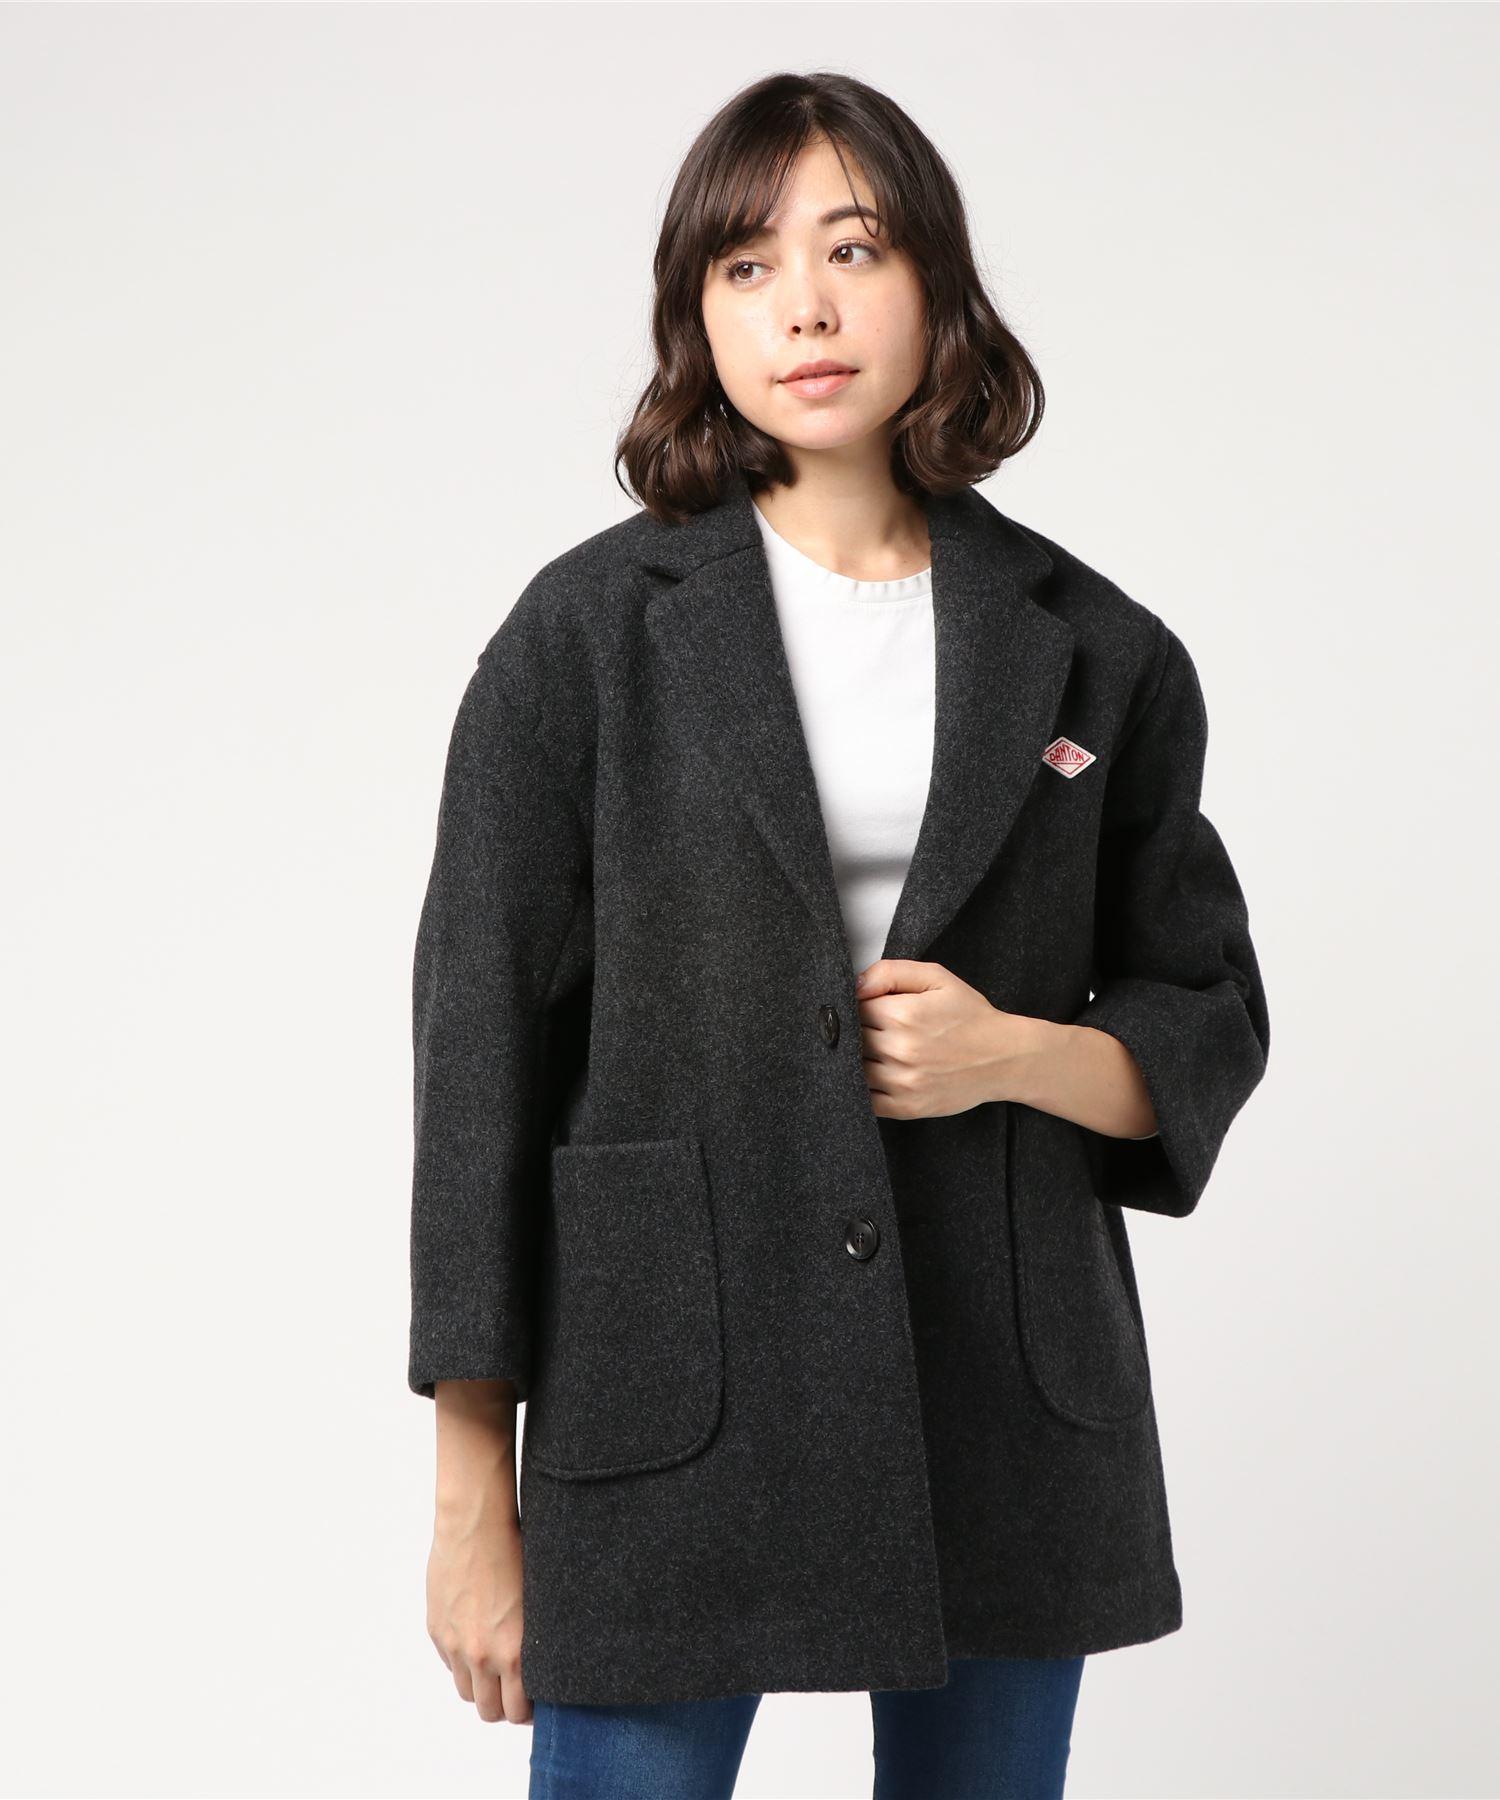 ダントン DANTON / ウールモッサチェスターコート Wool Mossar Chester Coat